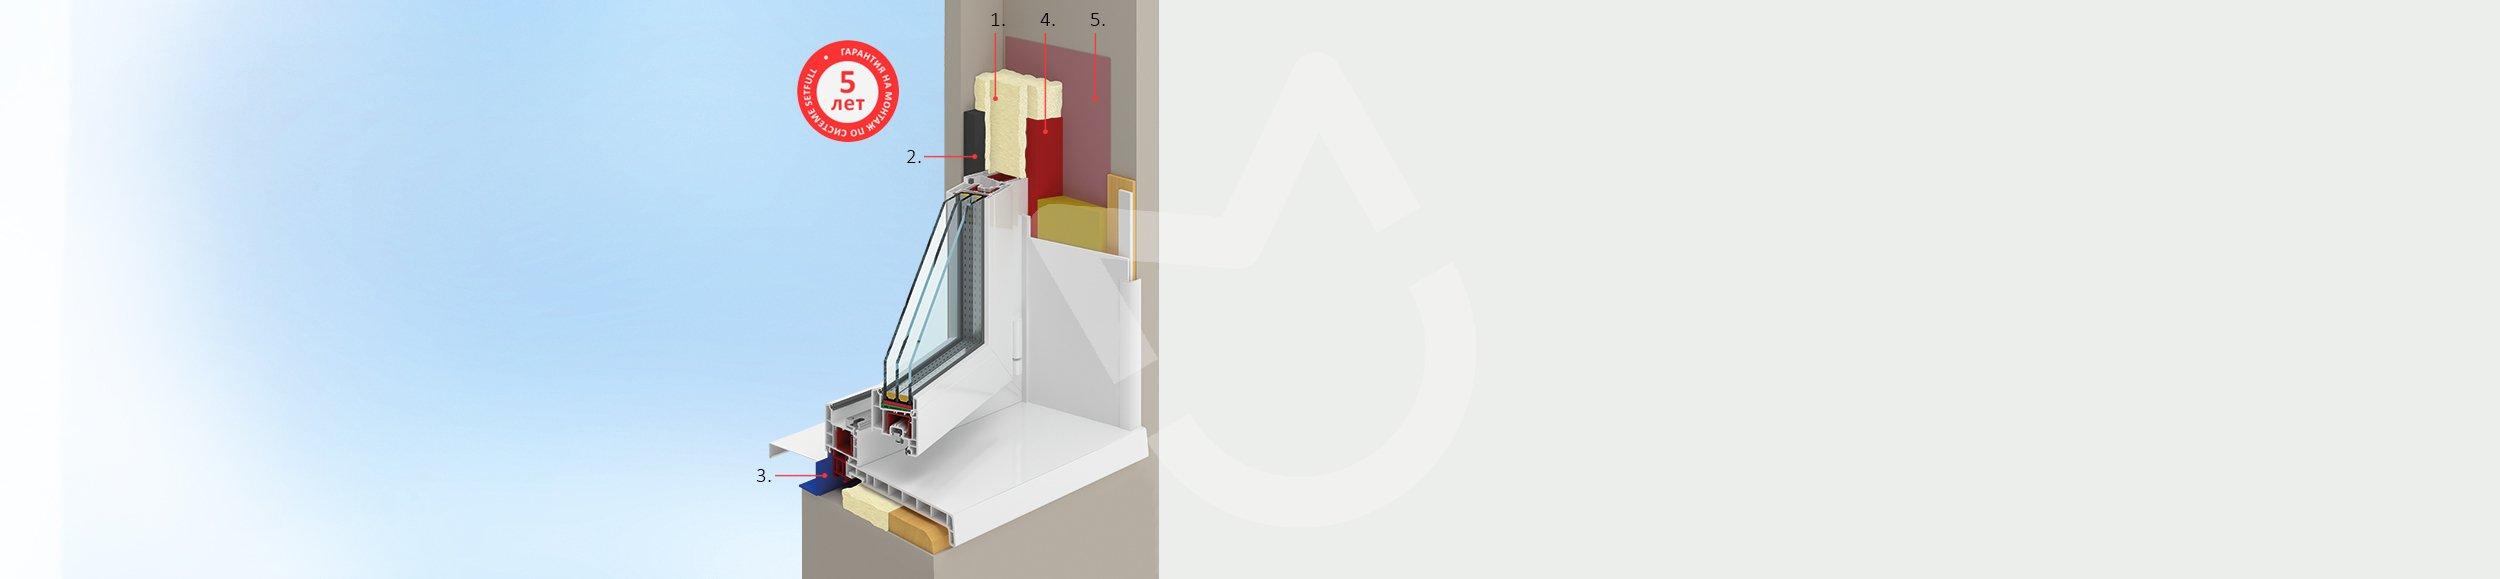 Монтаж пластиковых окон по ГОСТу — SetFull™ и базовая система монтажа